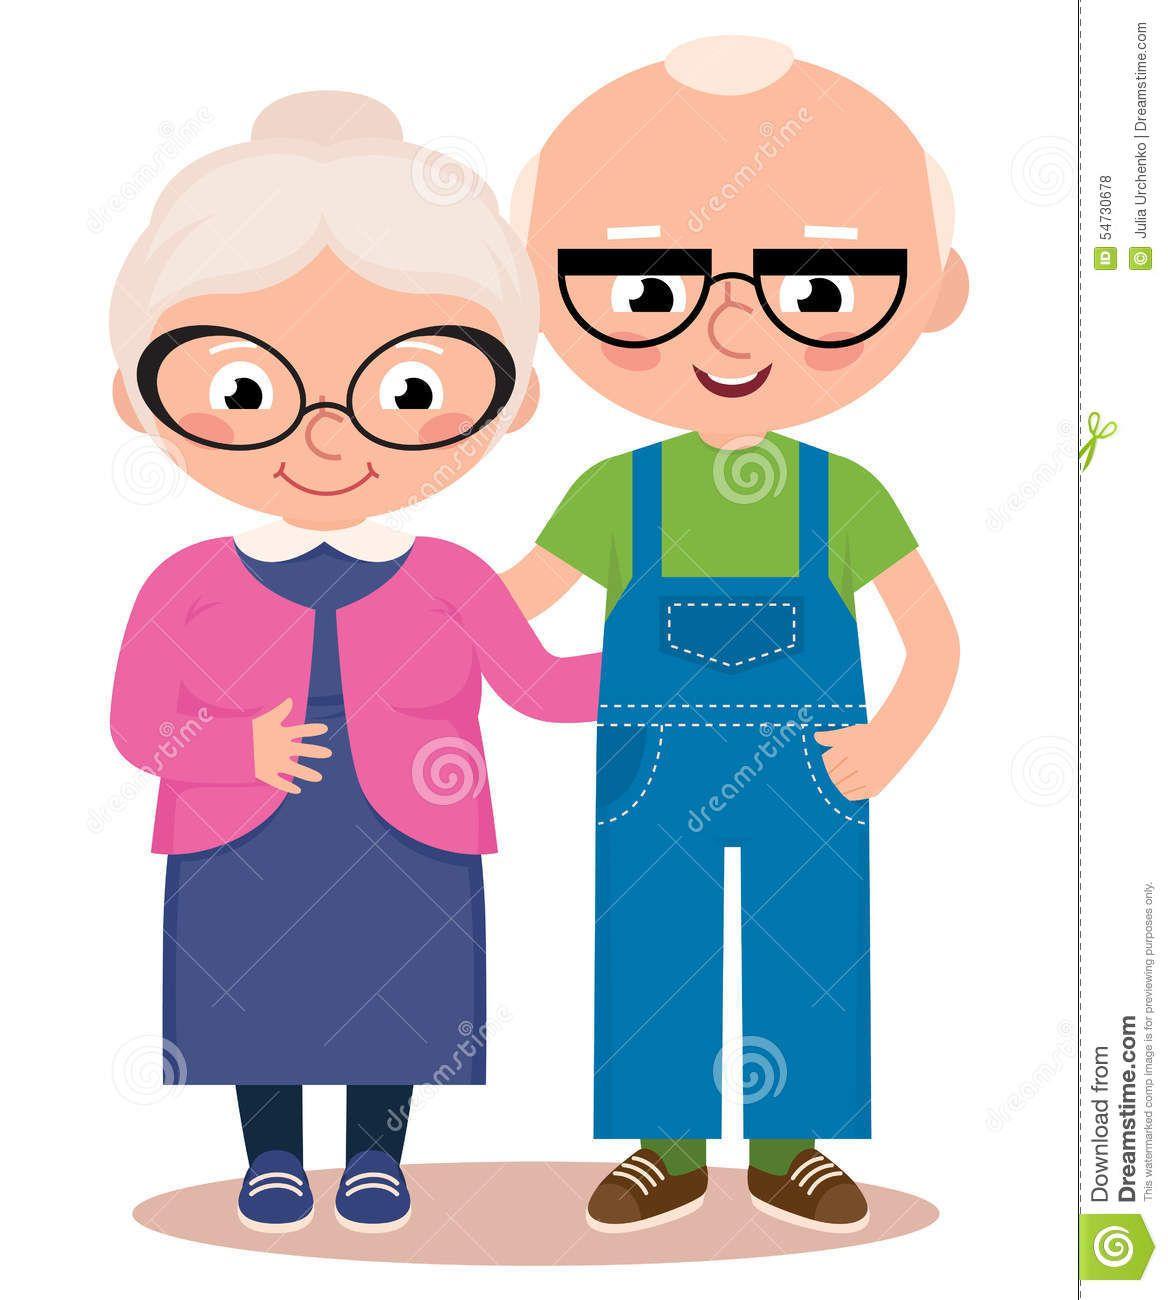 Resultado de imagem para idosos sorrindo desenho